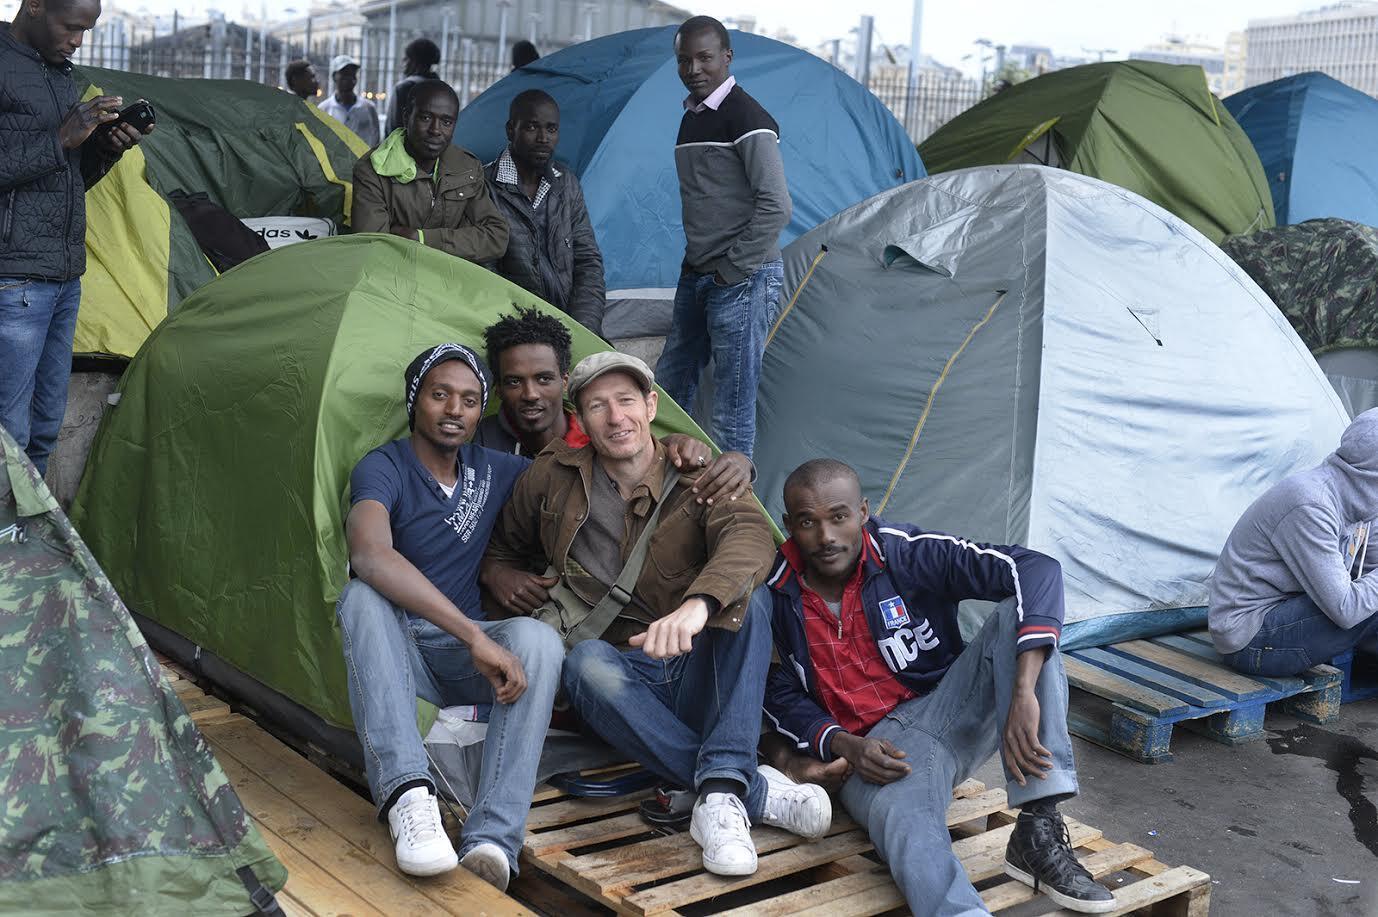 Le photographe Jean-Baptiste Pellerin avec des migrants au métro La Chapelle, Paris.